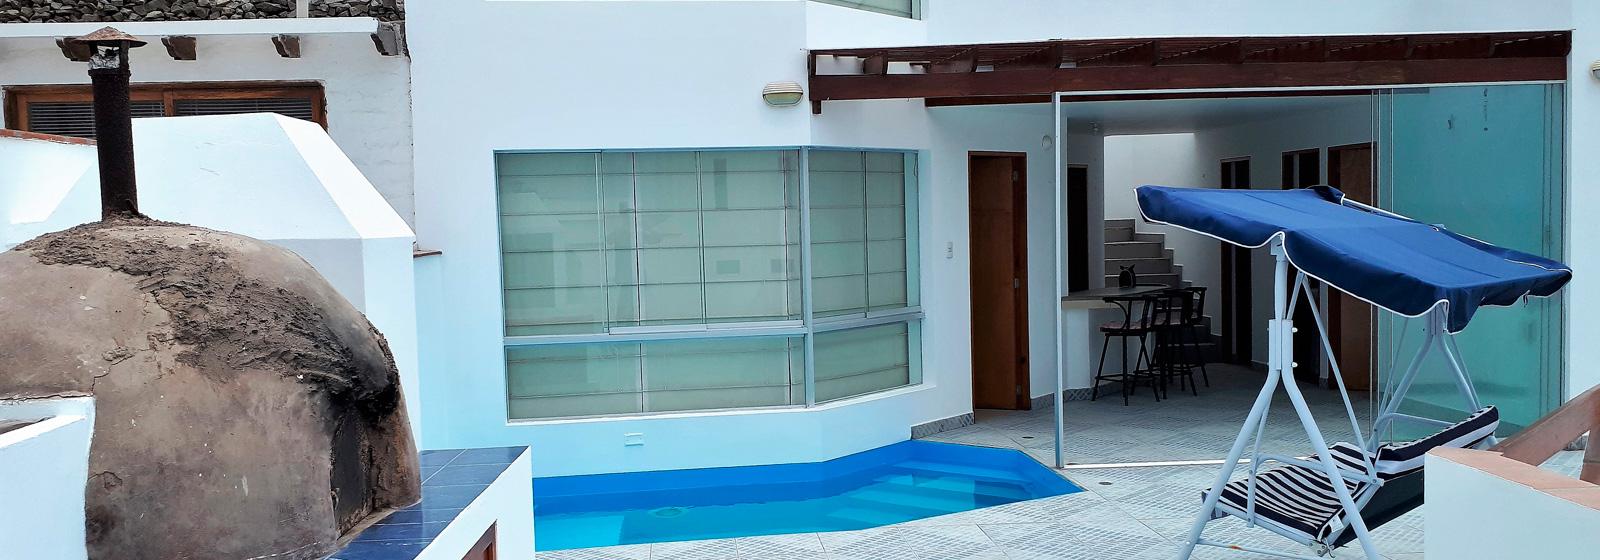 Vendo Amplia Casa de Playa en Cerro Azul